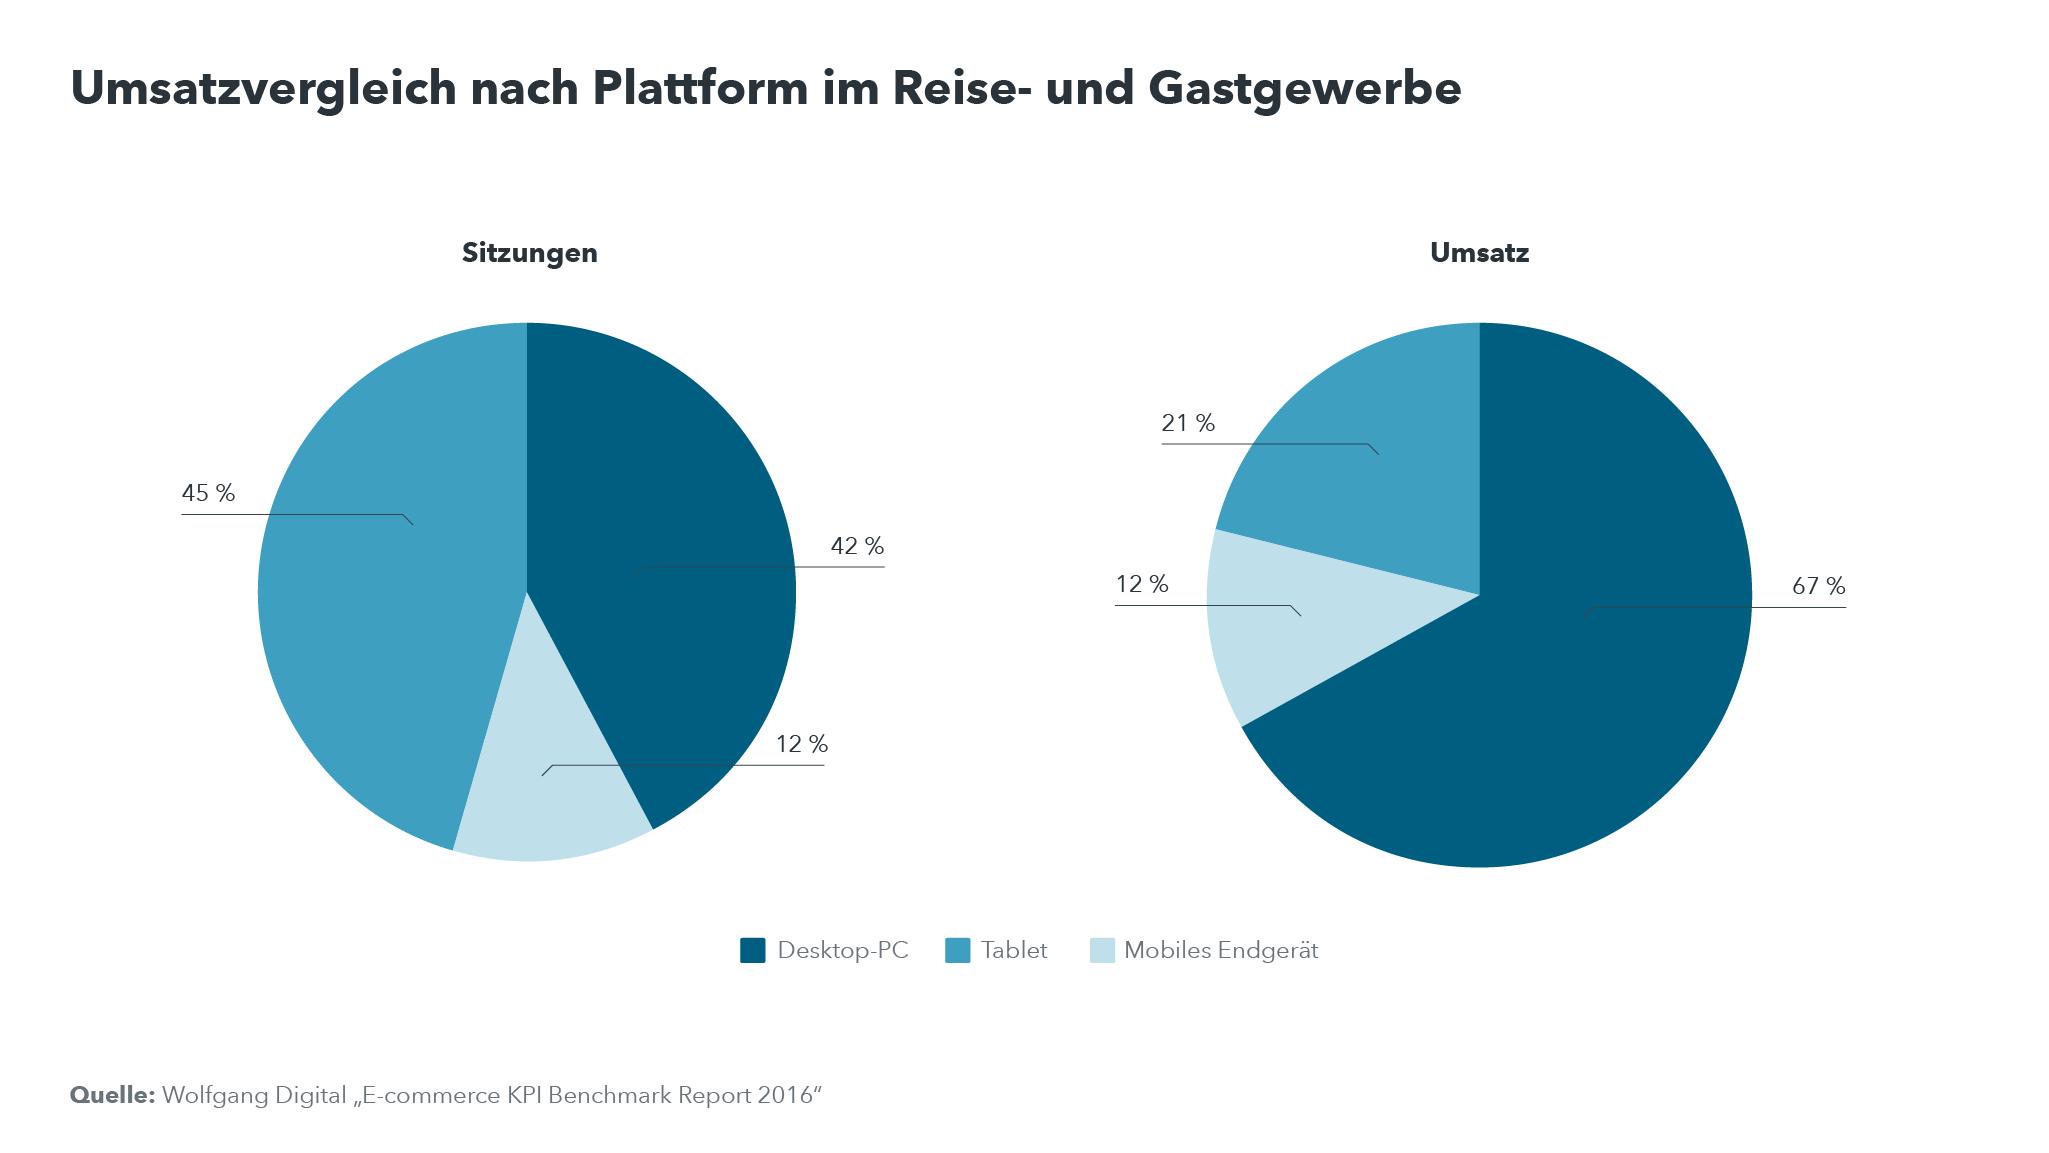 Vergleich des Umsatzanteils nach Plattform in der Reise- und Hotelbranche: Über Mobilgeräte werden mehr Sitzungen verzeichnet, doch die höheren Umsätze werden über Desktop-PCs generiert.